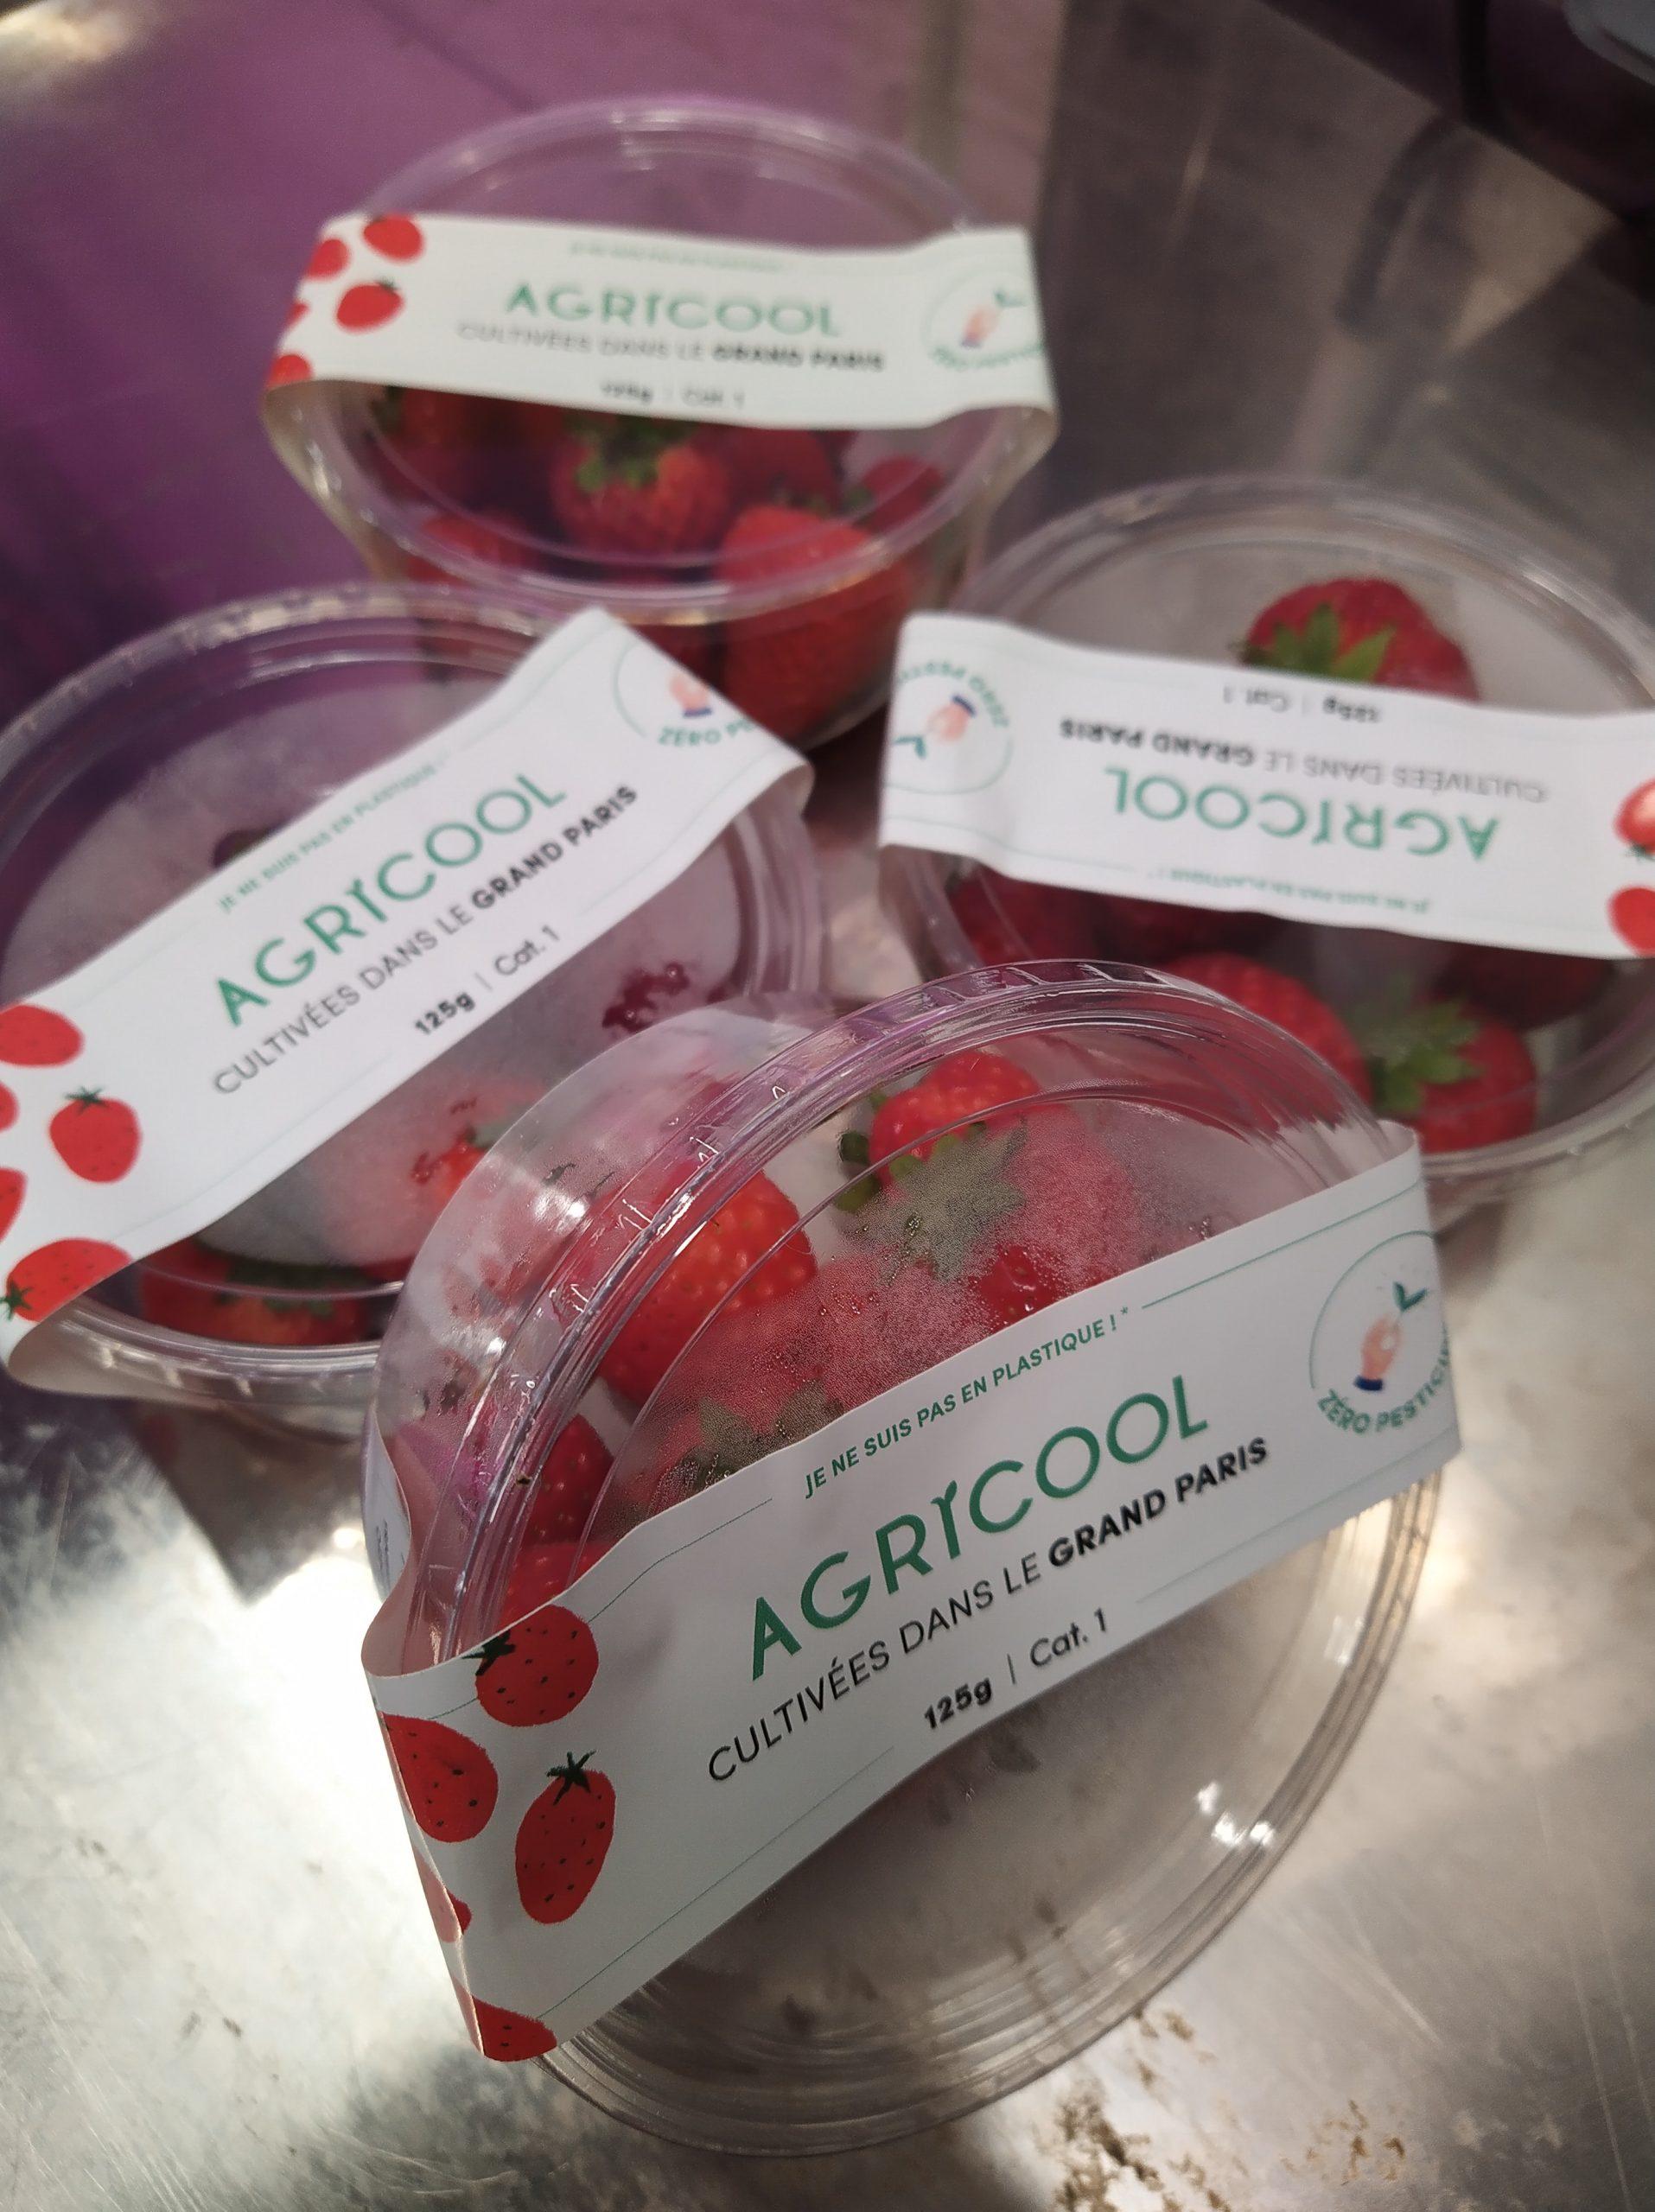 IMG 20200211 103817 scaled - Agricool inaugure sa ferme urbaine pour cultiver fruits et légumes en ville